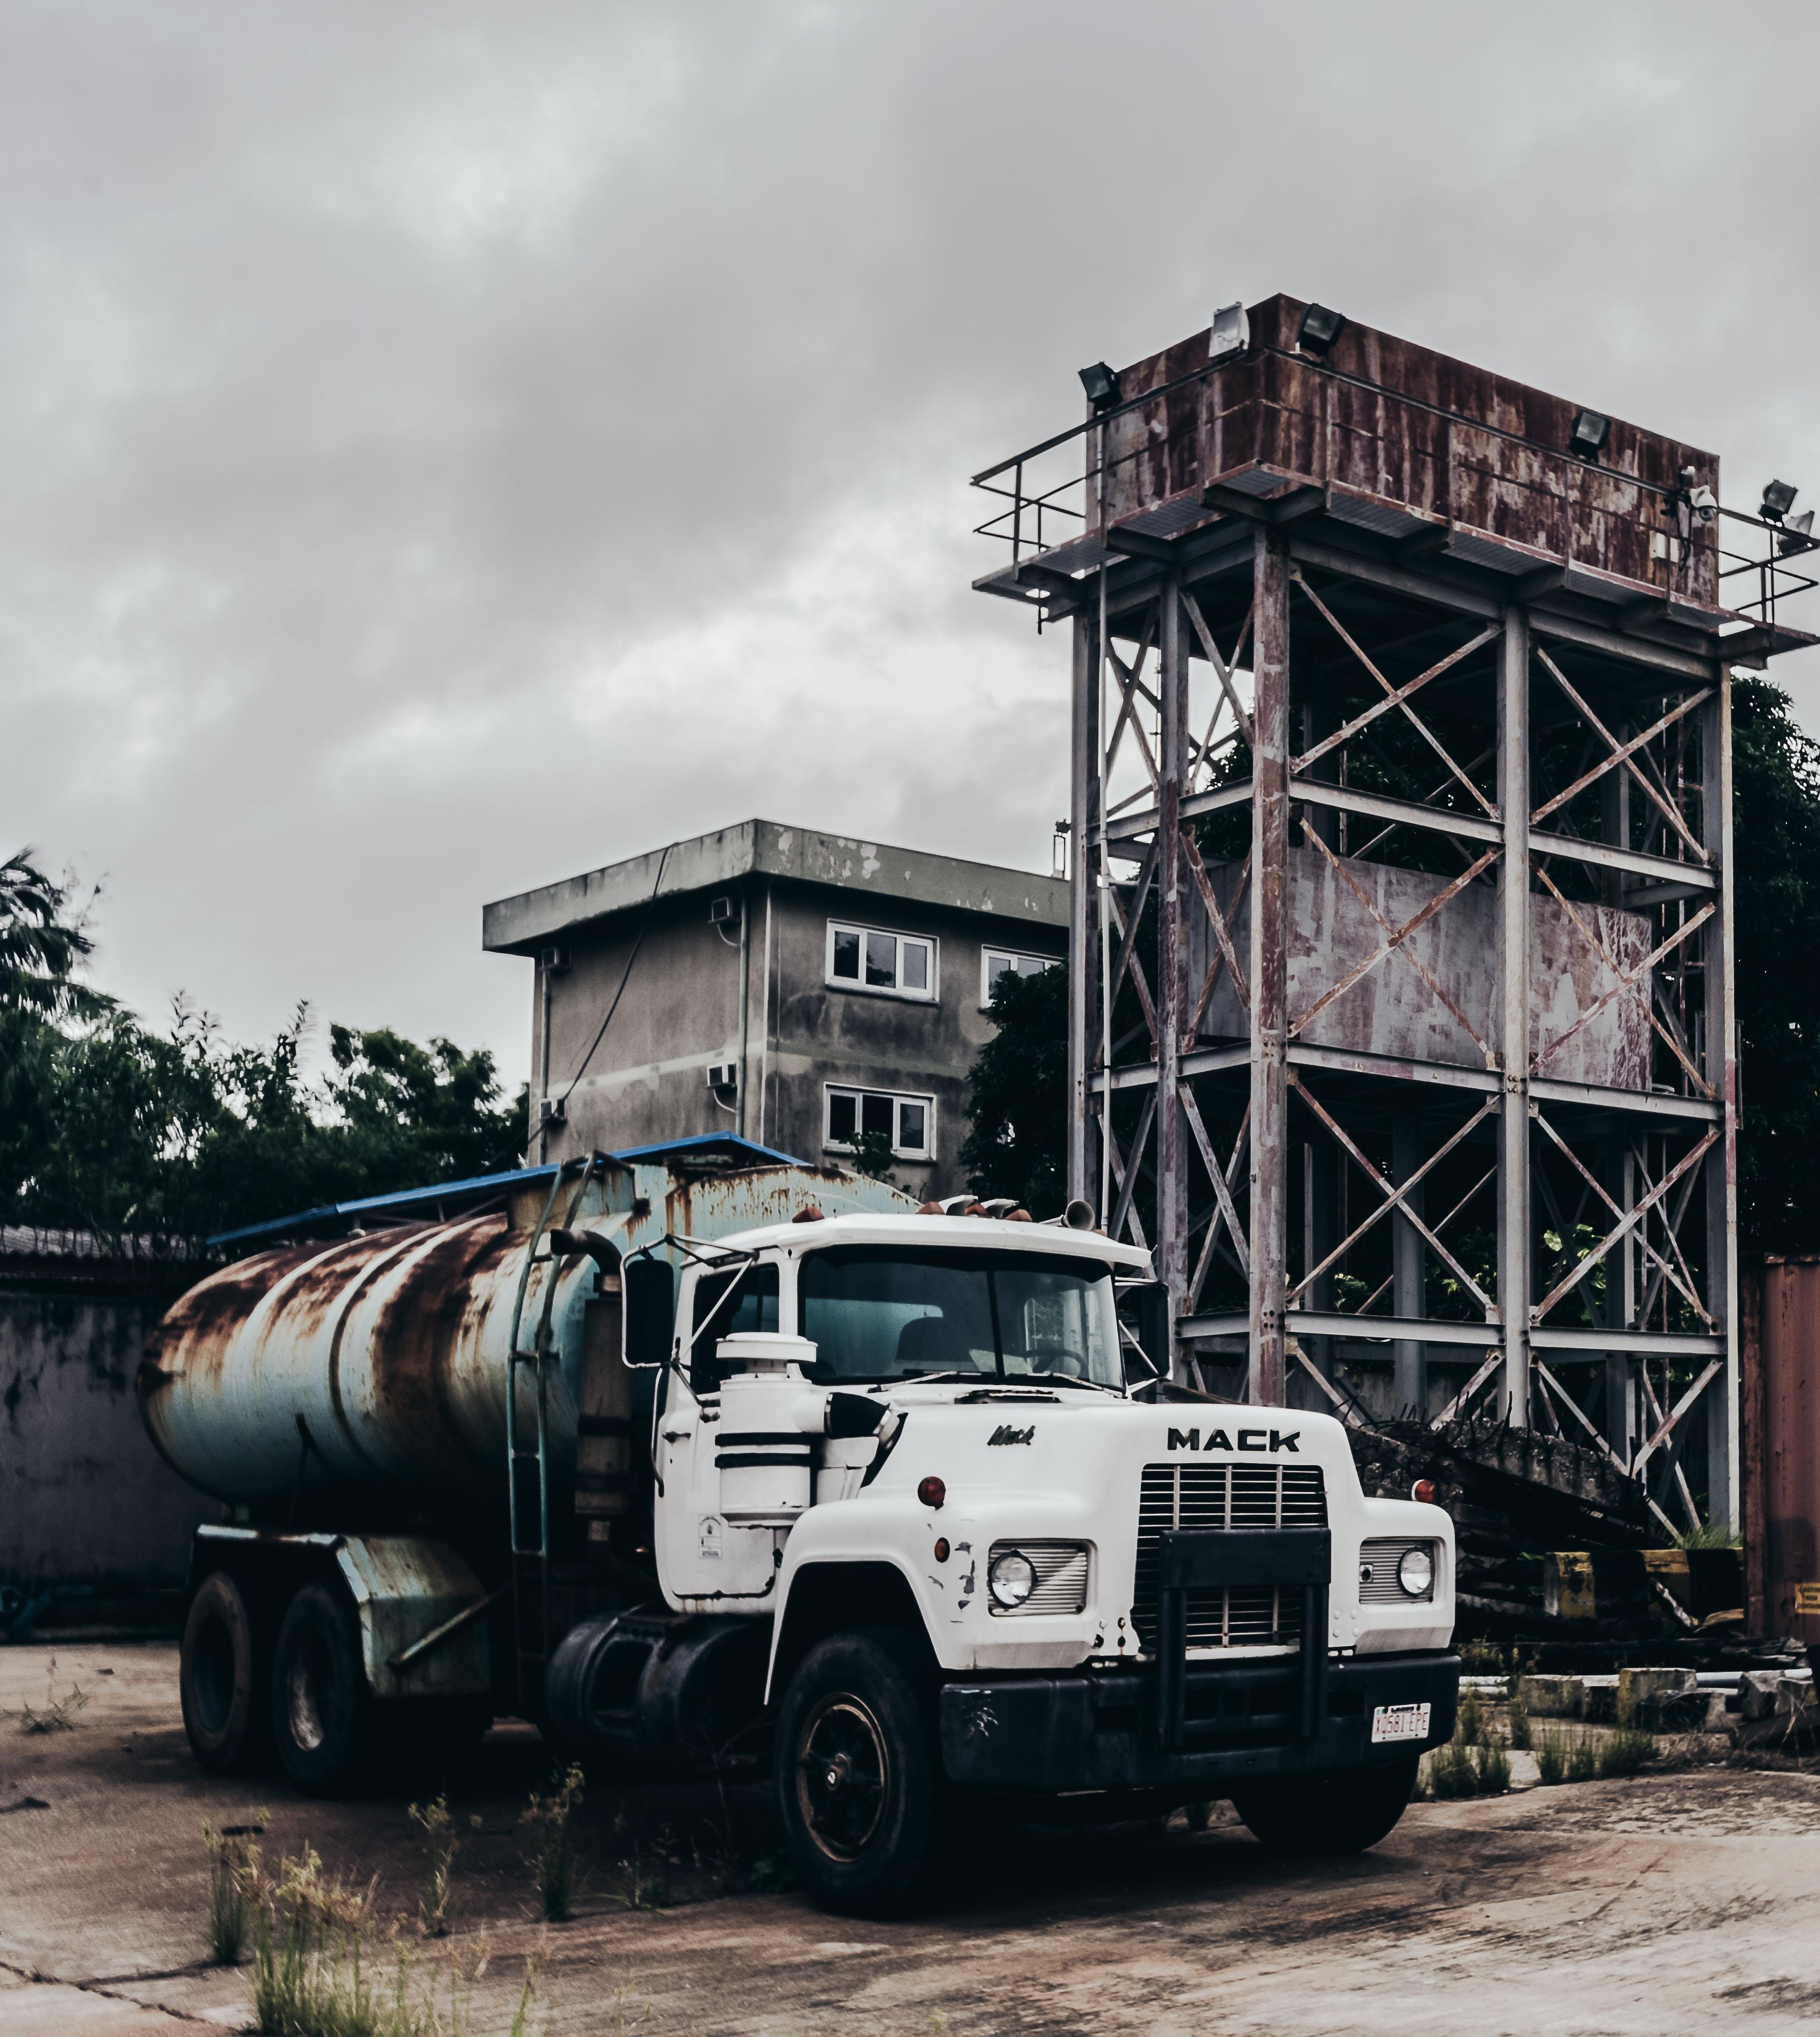 white Mack tanker truck near building